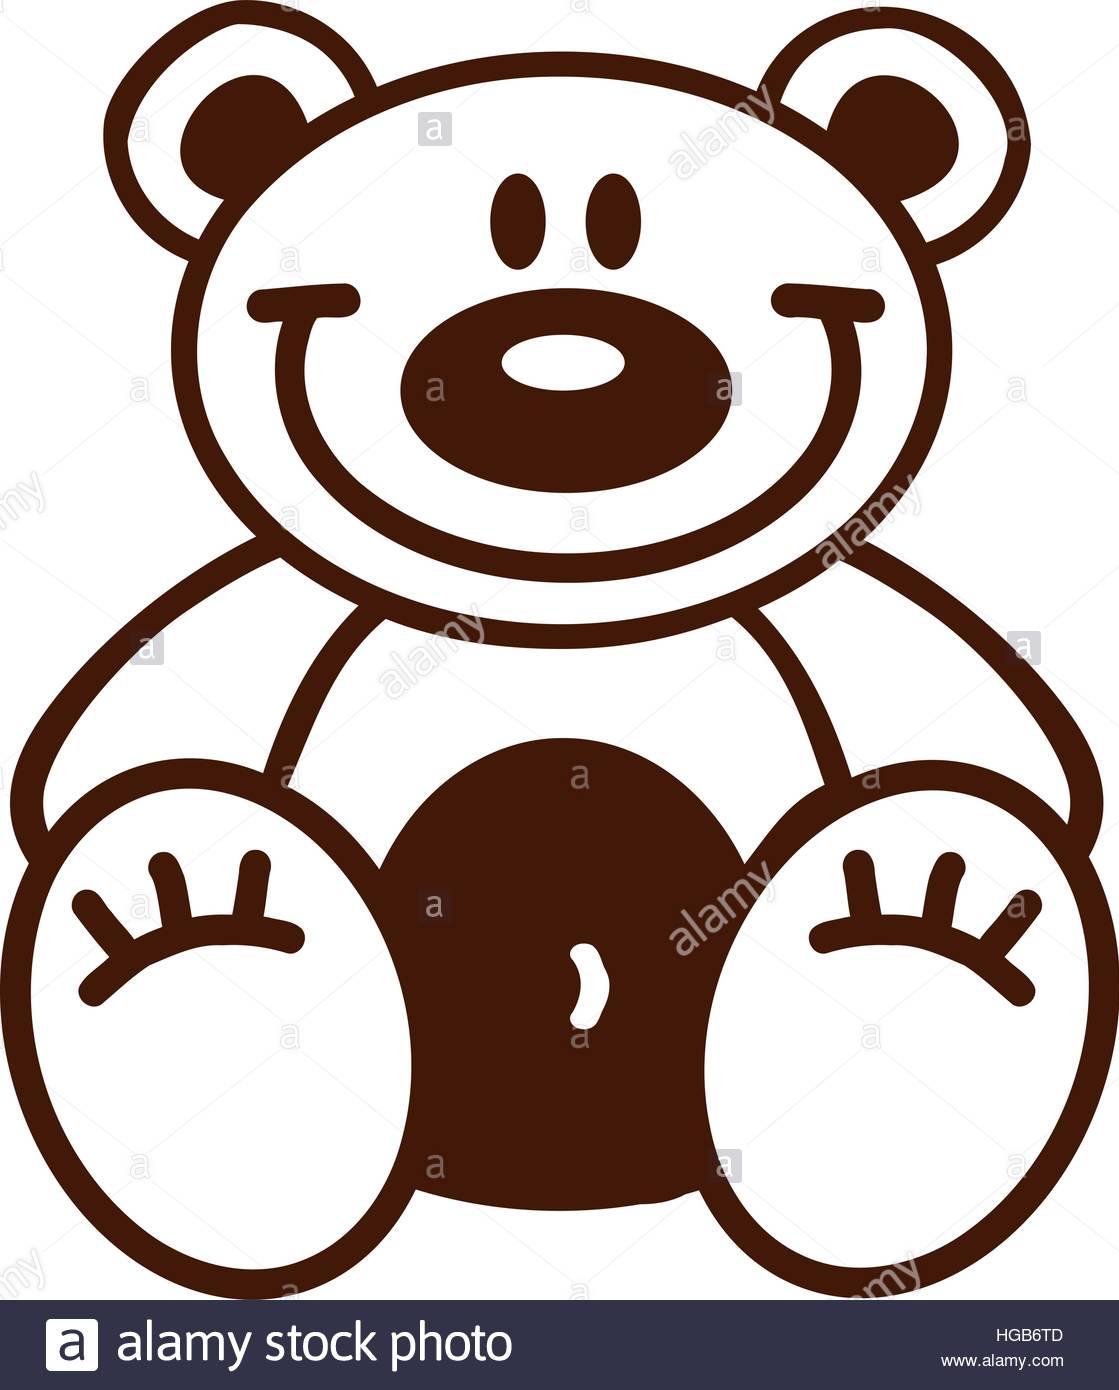 1119x1390 Outline Of A Teddy Bear